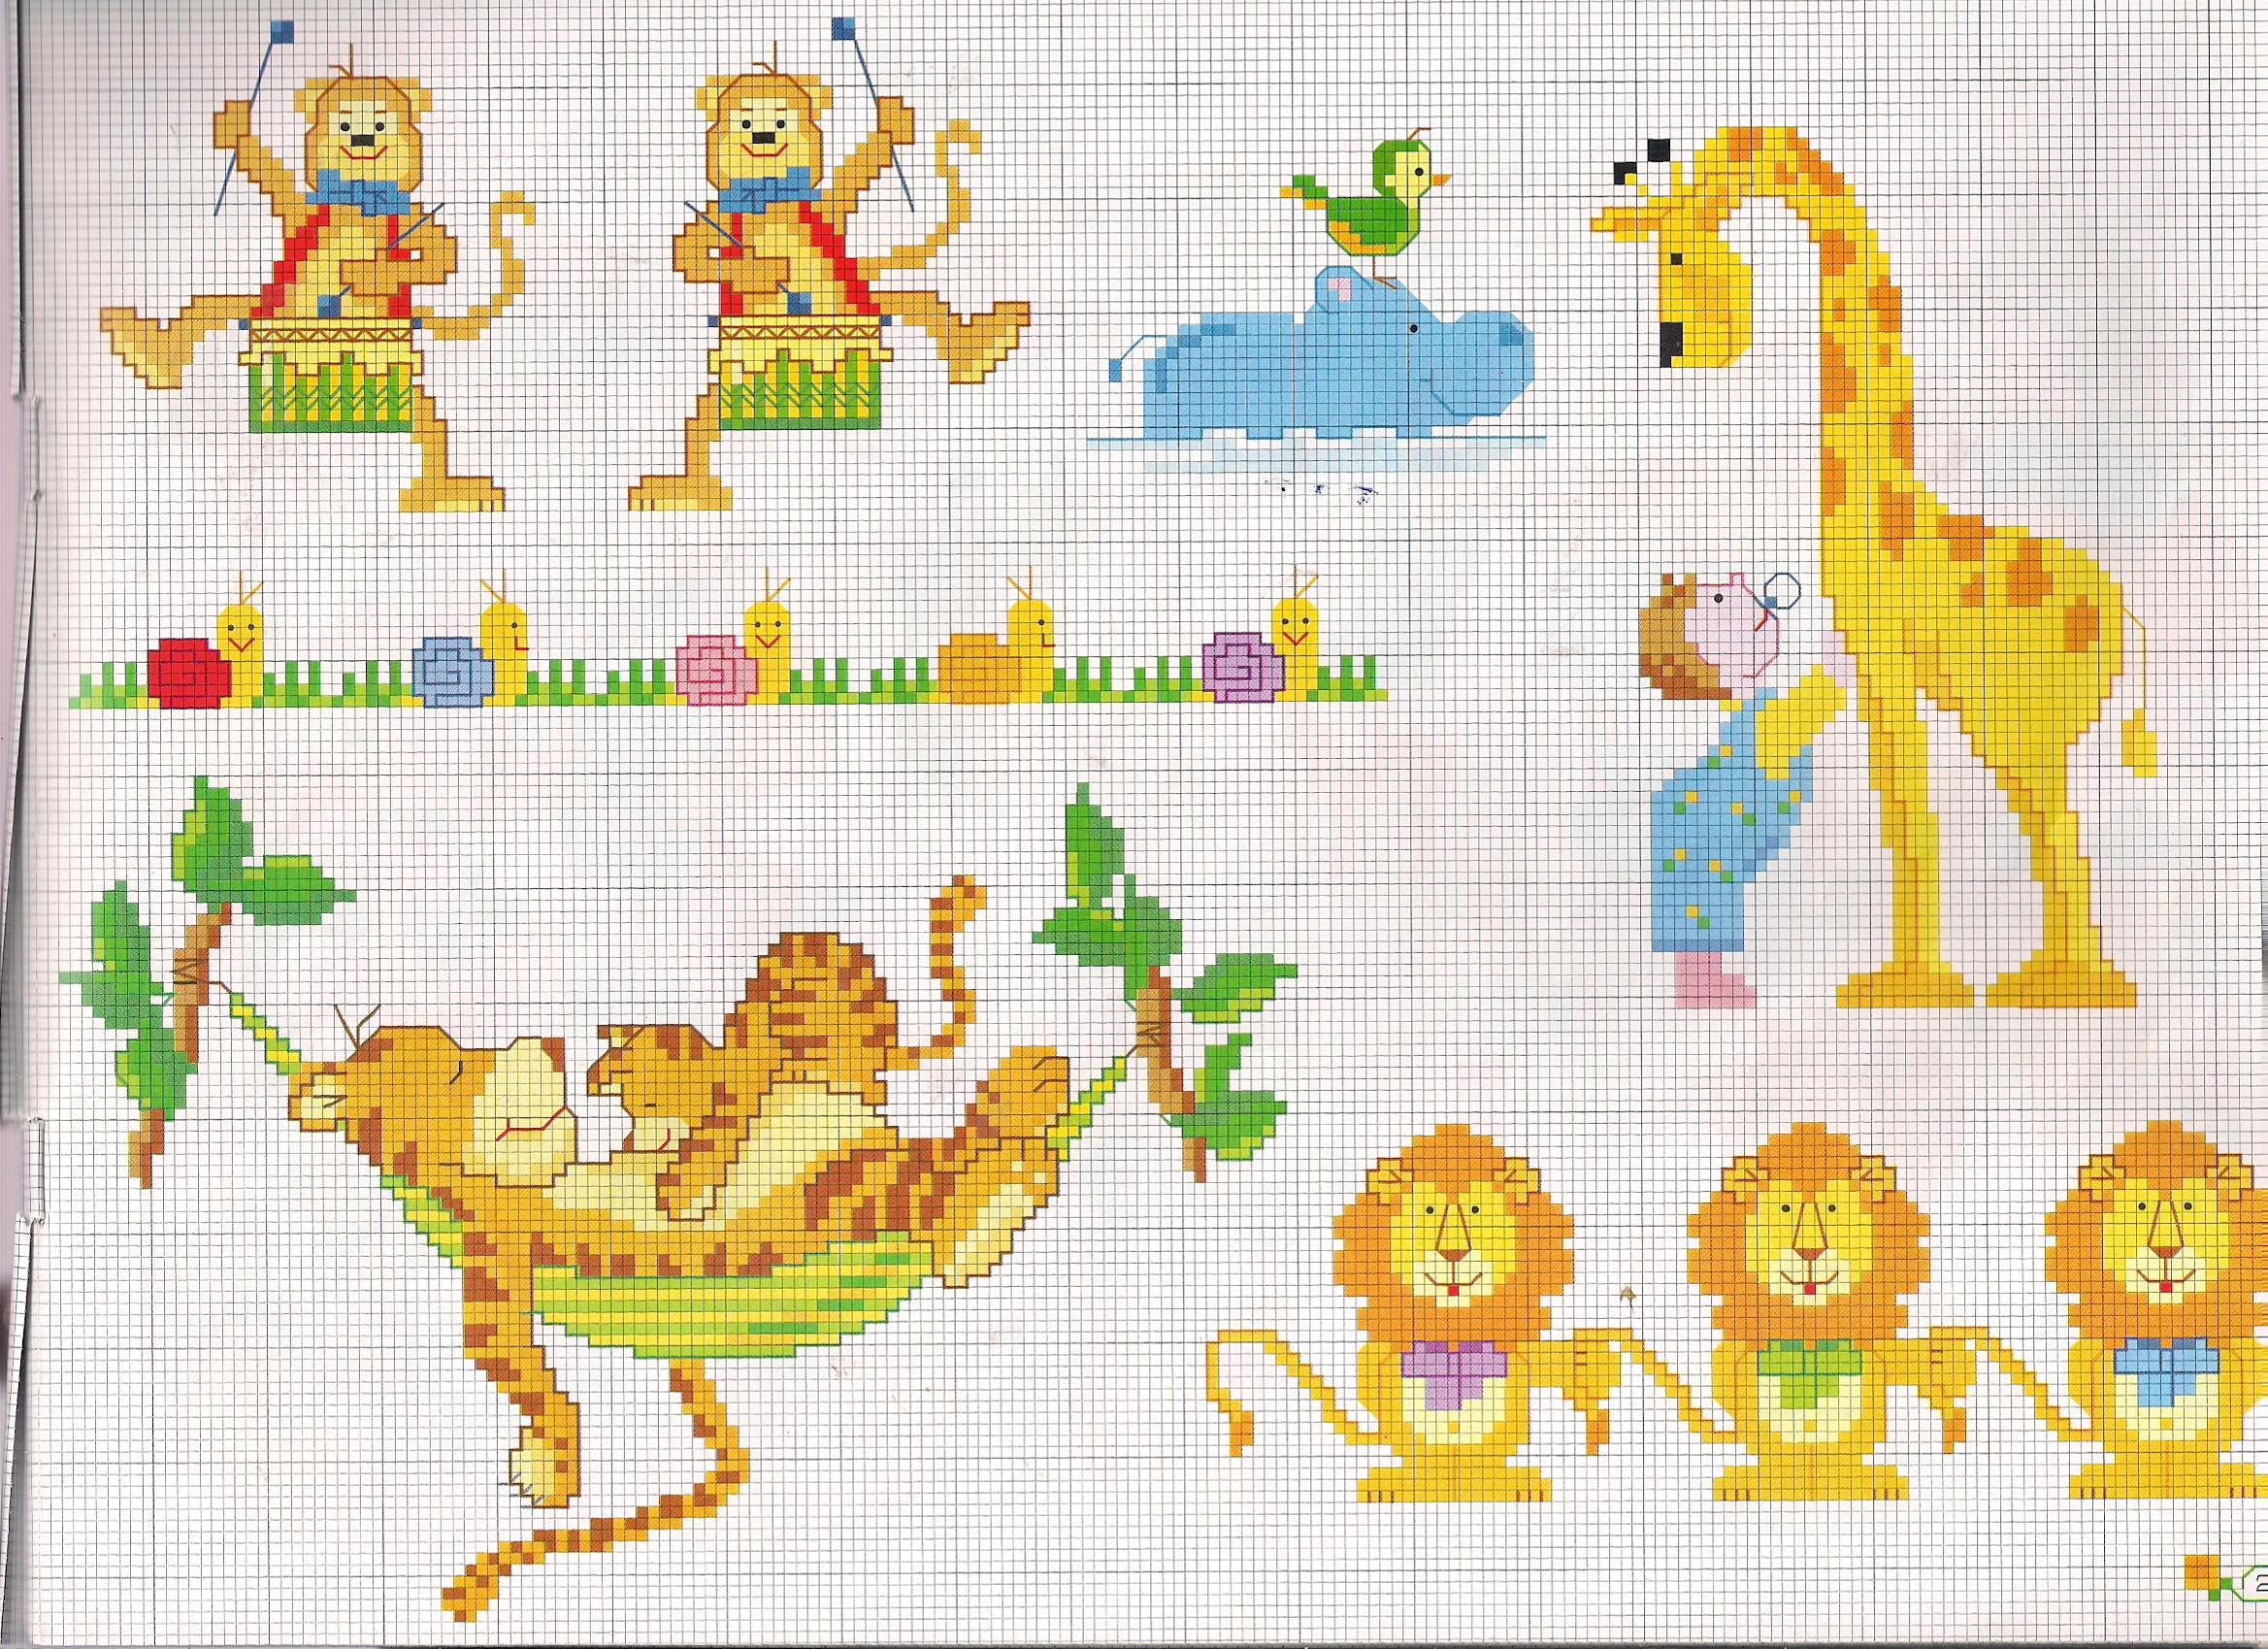 Animali giraffa tigre con cucciolo su amaca magiedifilo for Schemi punto croce per bavaglini